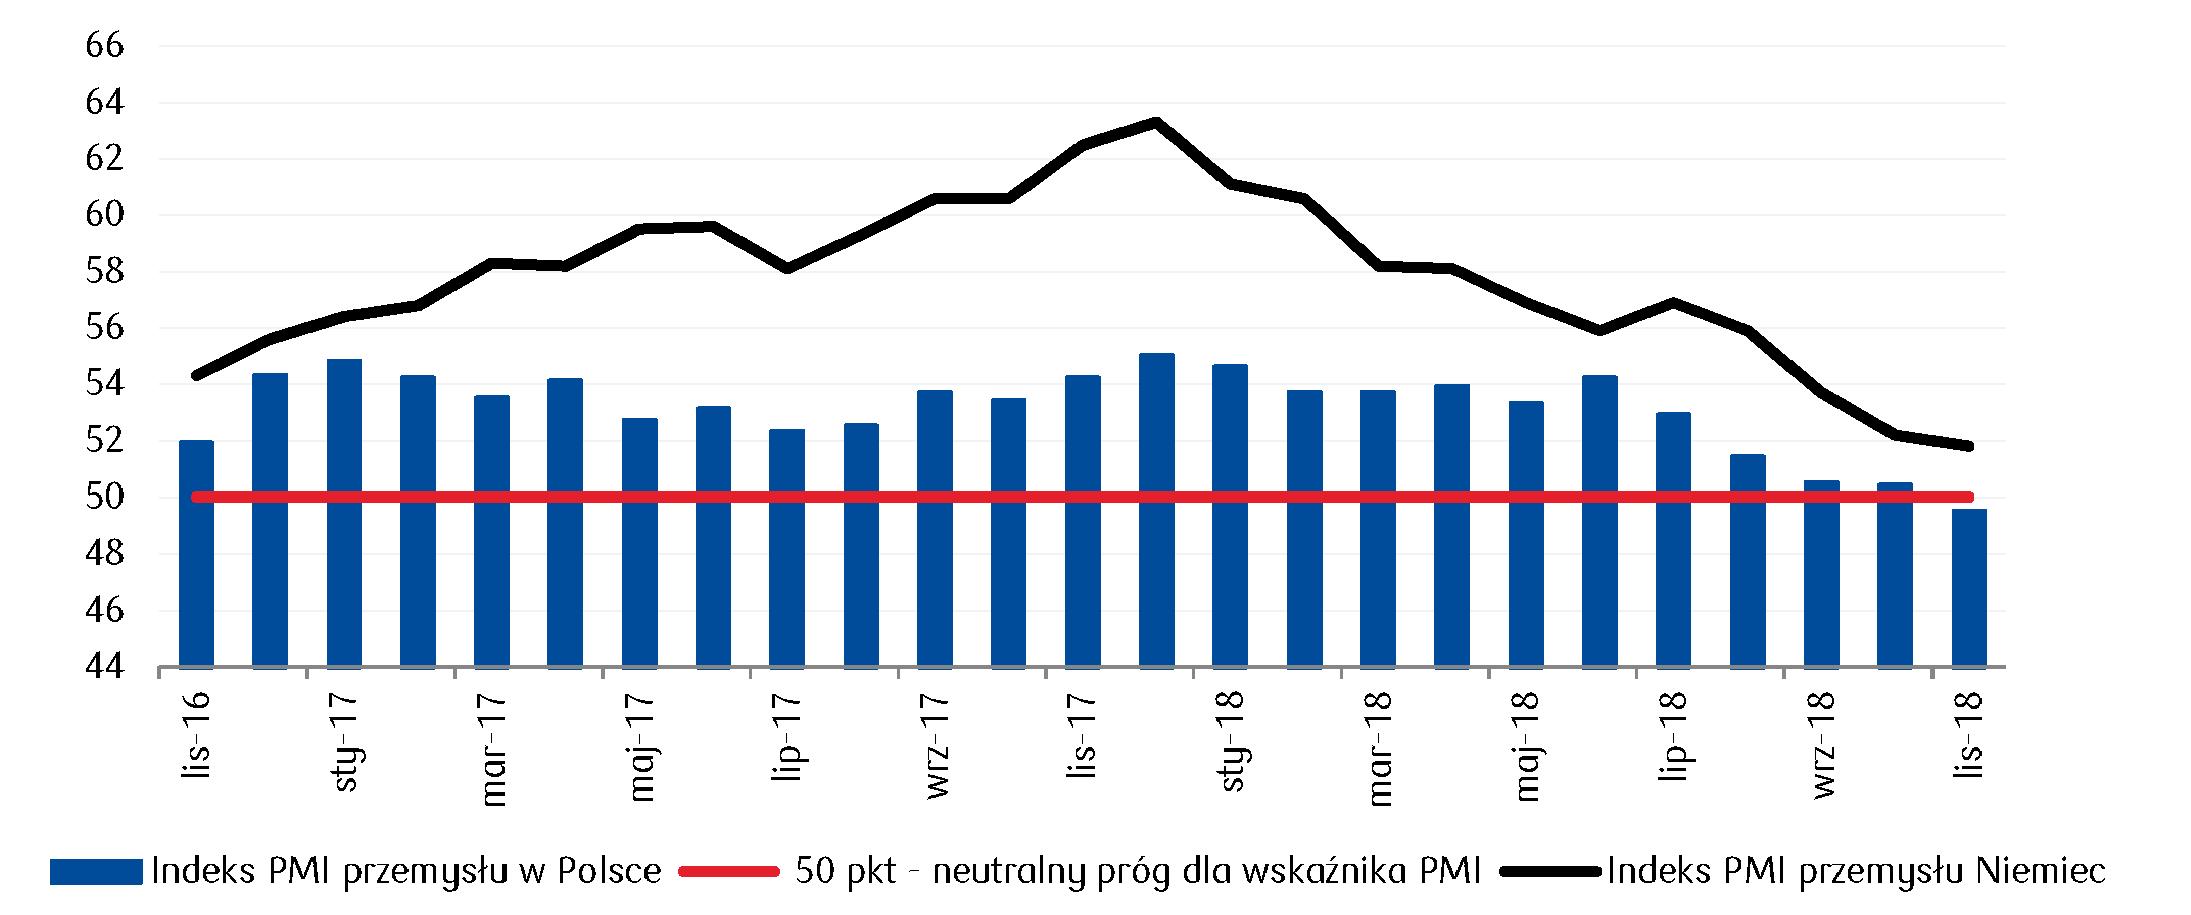 Spadek indeksu PMI przemysłu poniżej neutralnego progu 50 pkt ograniczył wzrosty notowań złotego potwierdzając spowalnianie polskiej gospodarki w ślad za gospodarką Niemiec